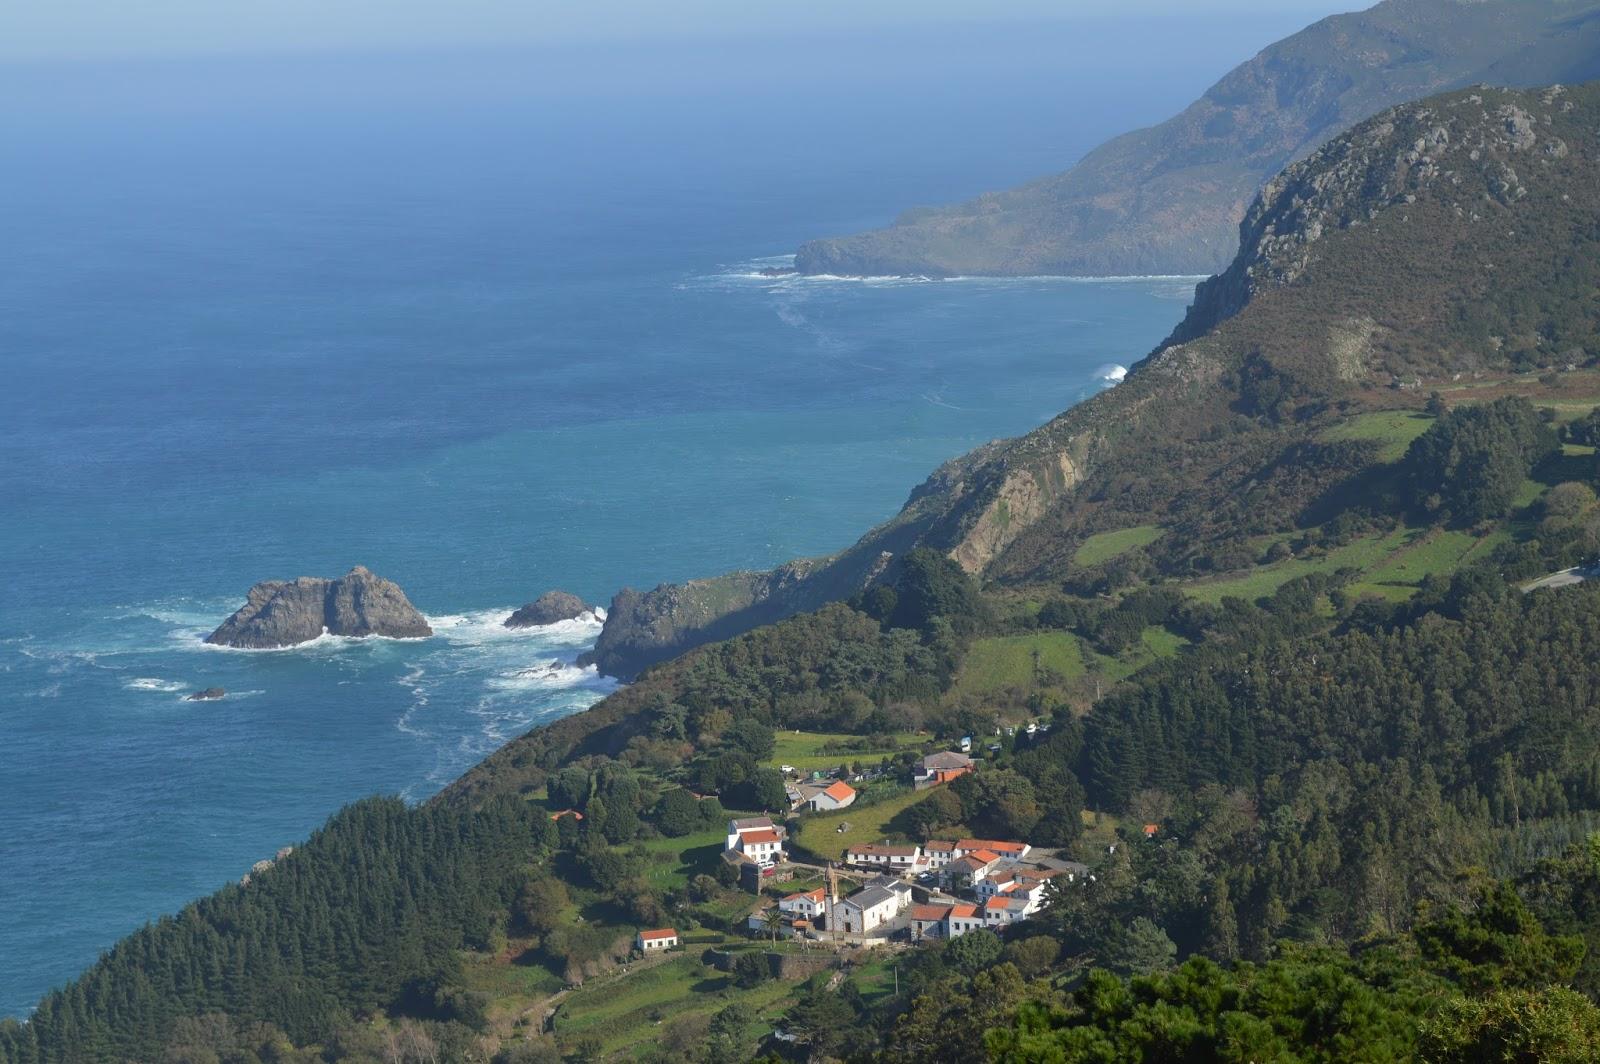 rutamiradorescedeiraacaboortegalporsanandresdeteixido28229 - De Cedeira a Cabo Ortegal: ruta de miradores